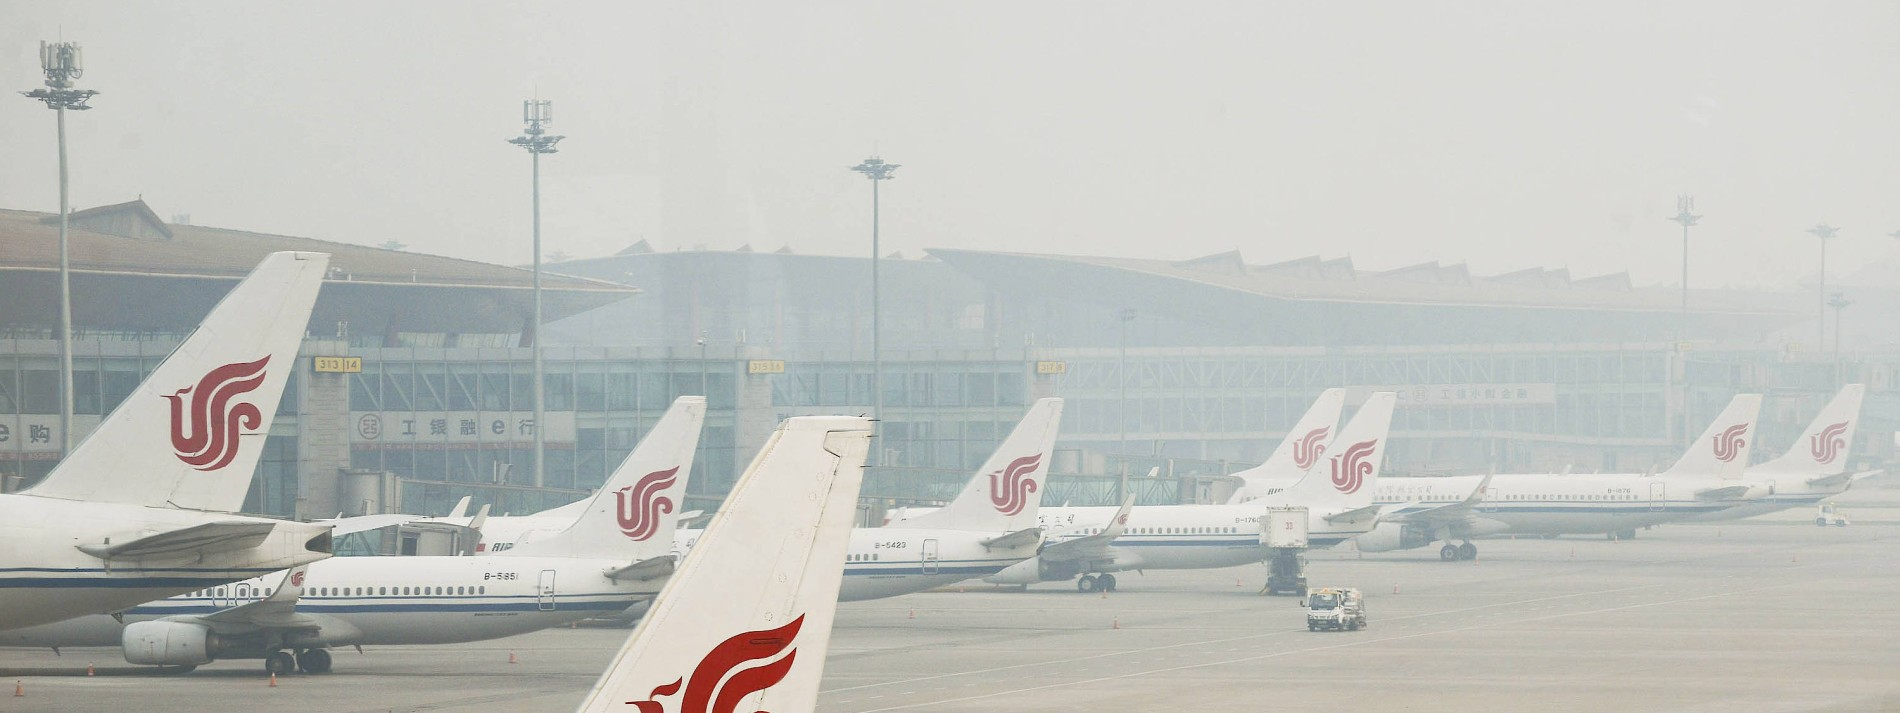 Rauchender Kopilot lässt Passagierflugzeug absacken